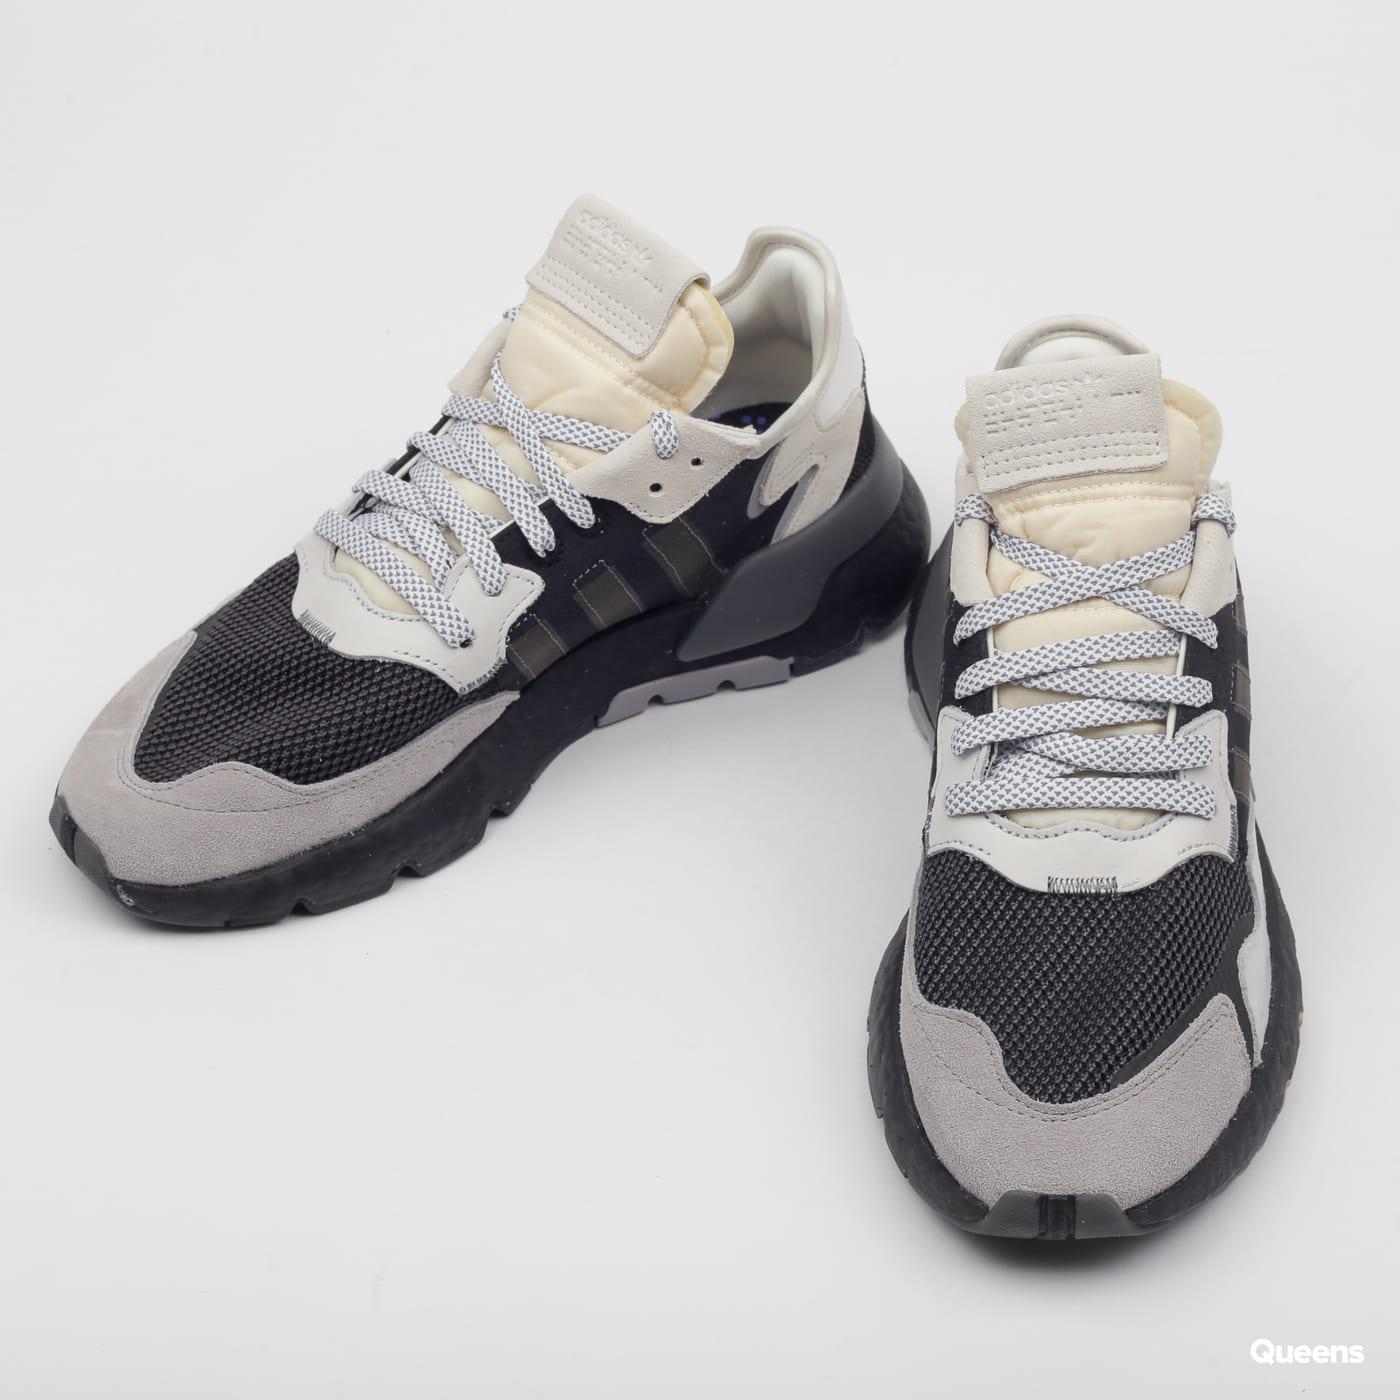 ZvětšitZvětšitZvětšitZvětšitZvětšit. adidas Originals Nite Jogger ... 45039cc332